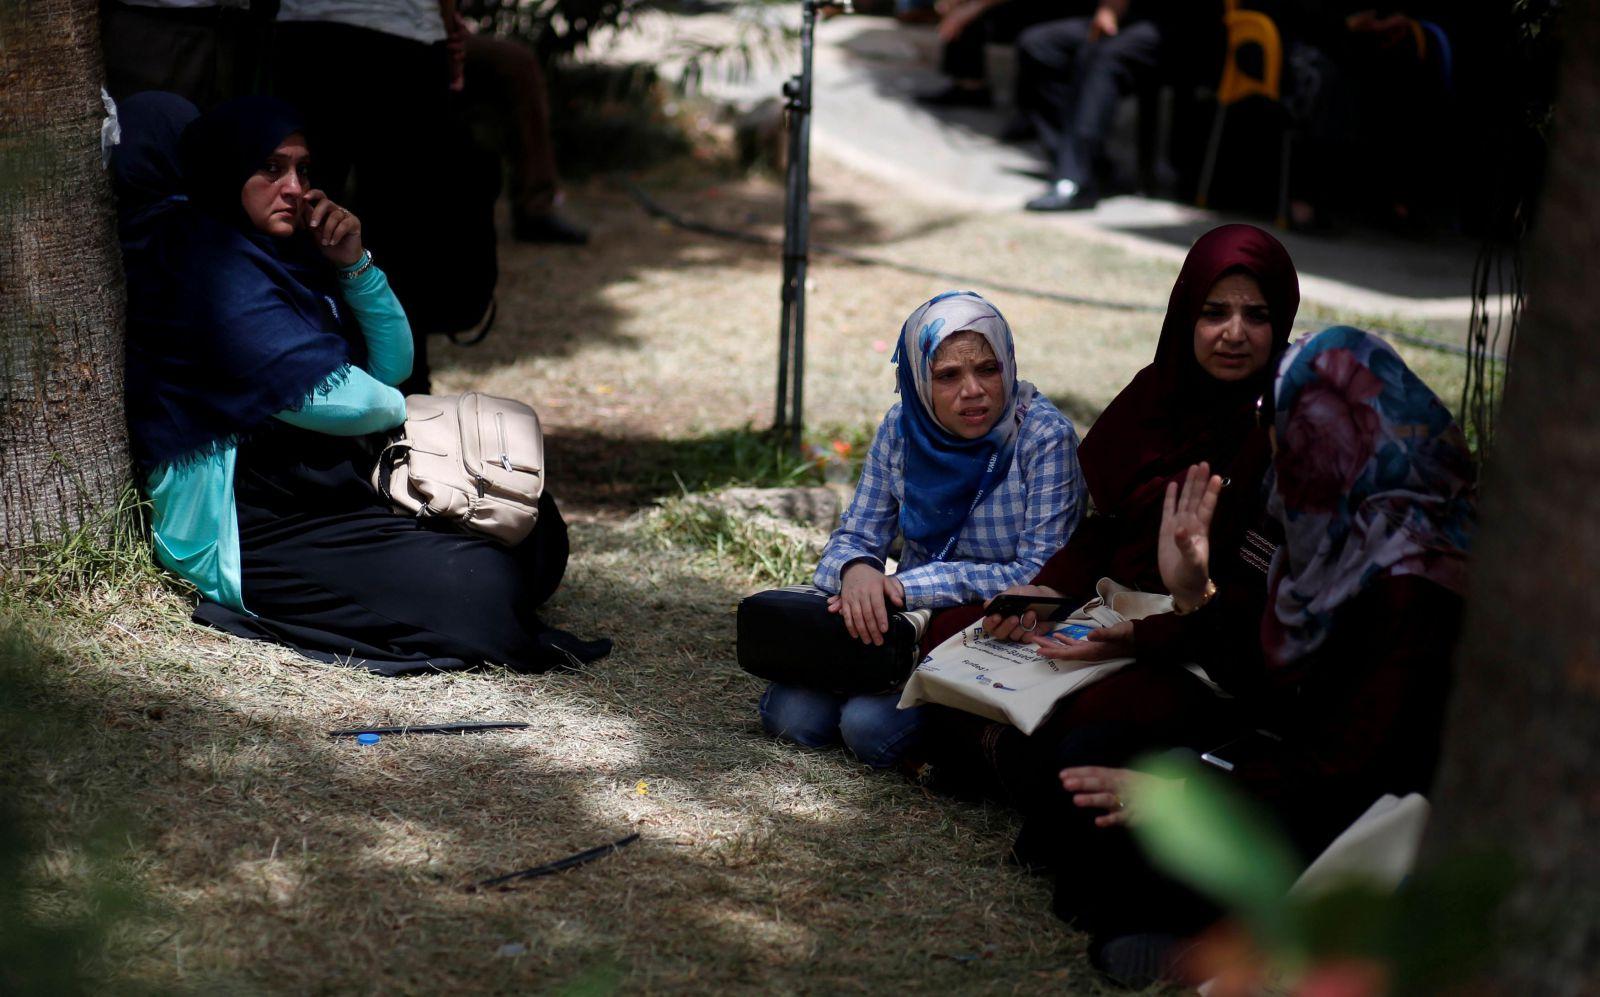 69652a - Prohíben a palestinos participar en elecciones de Jerusalén